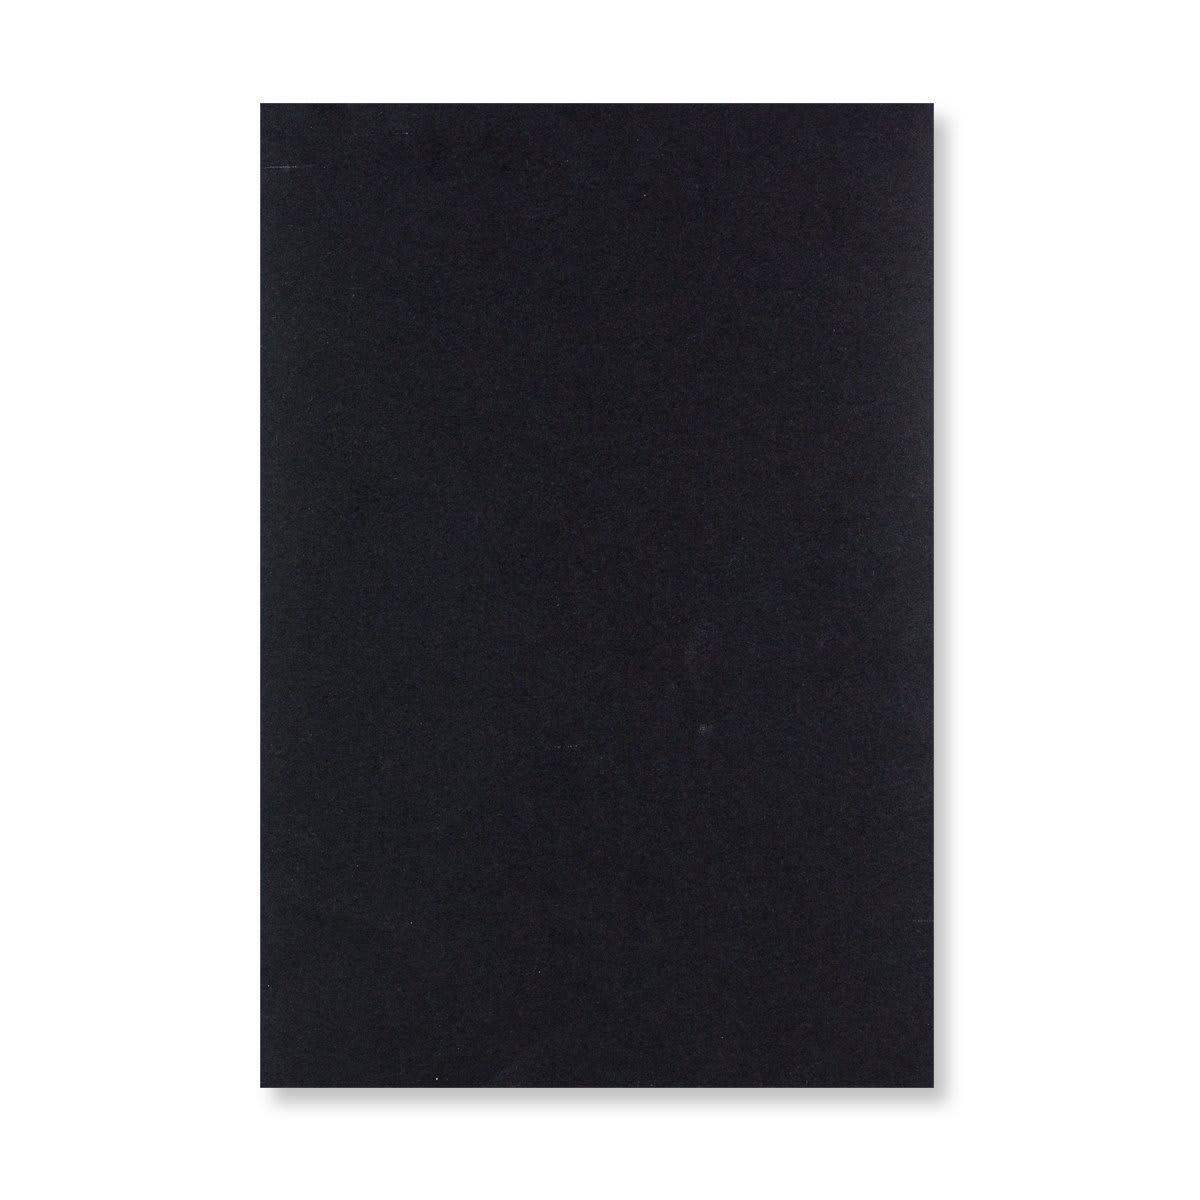 C5 BLACK STRING & WASHER ENVELOPES 180GSM